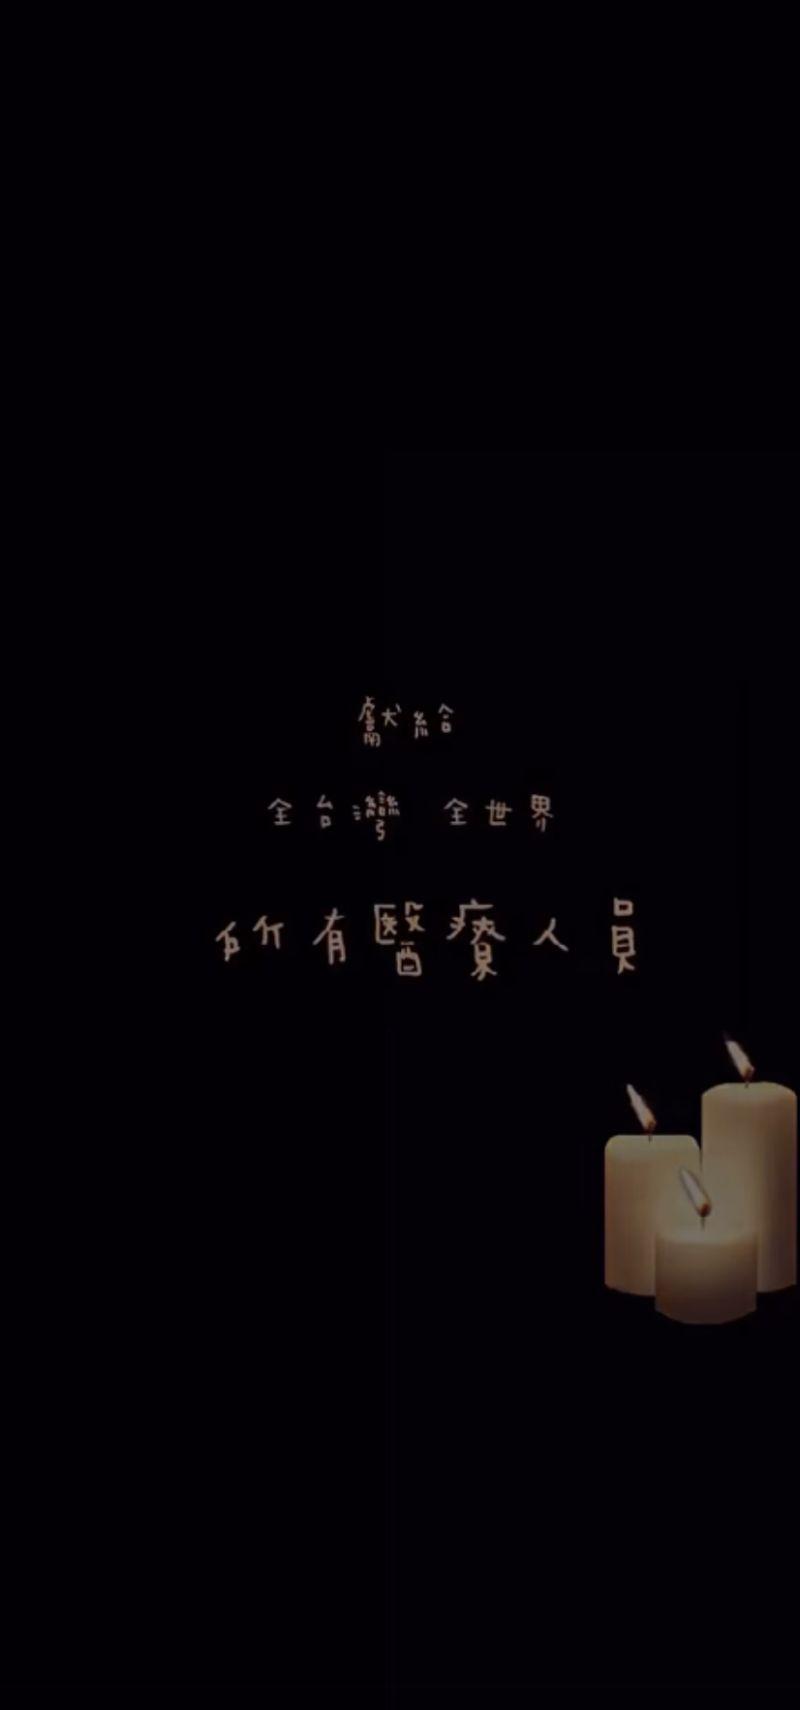 ▲昨(26)日衛生福利部桃園醫院就在臉書粉專PO出一部部桃護理師接力唱出的「手牽手-抗SARS之歌」影片。(圖/翻攝自《衛生福利部桃園醫院》臉書粉專)